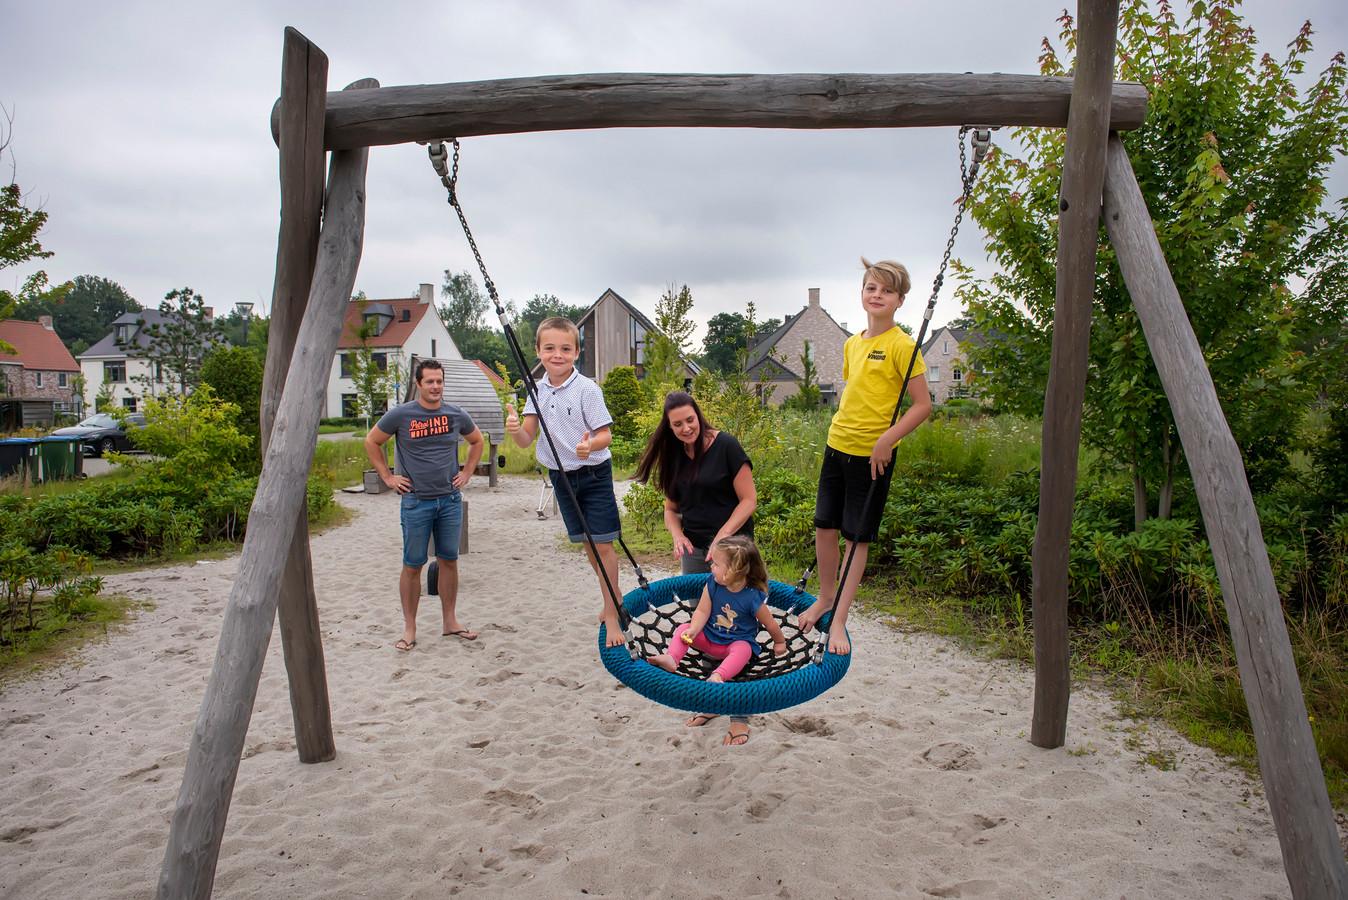 Genoeg plek om buiten de spelen, de kinderen van Rudy en Nicole kunnen hun hart ophalen in Dorst.